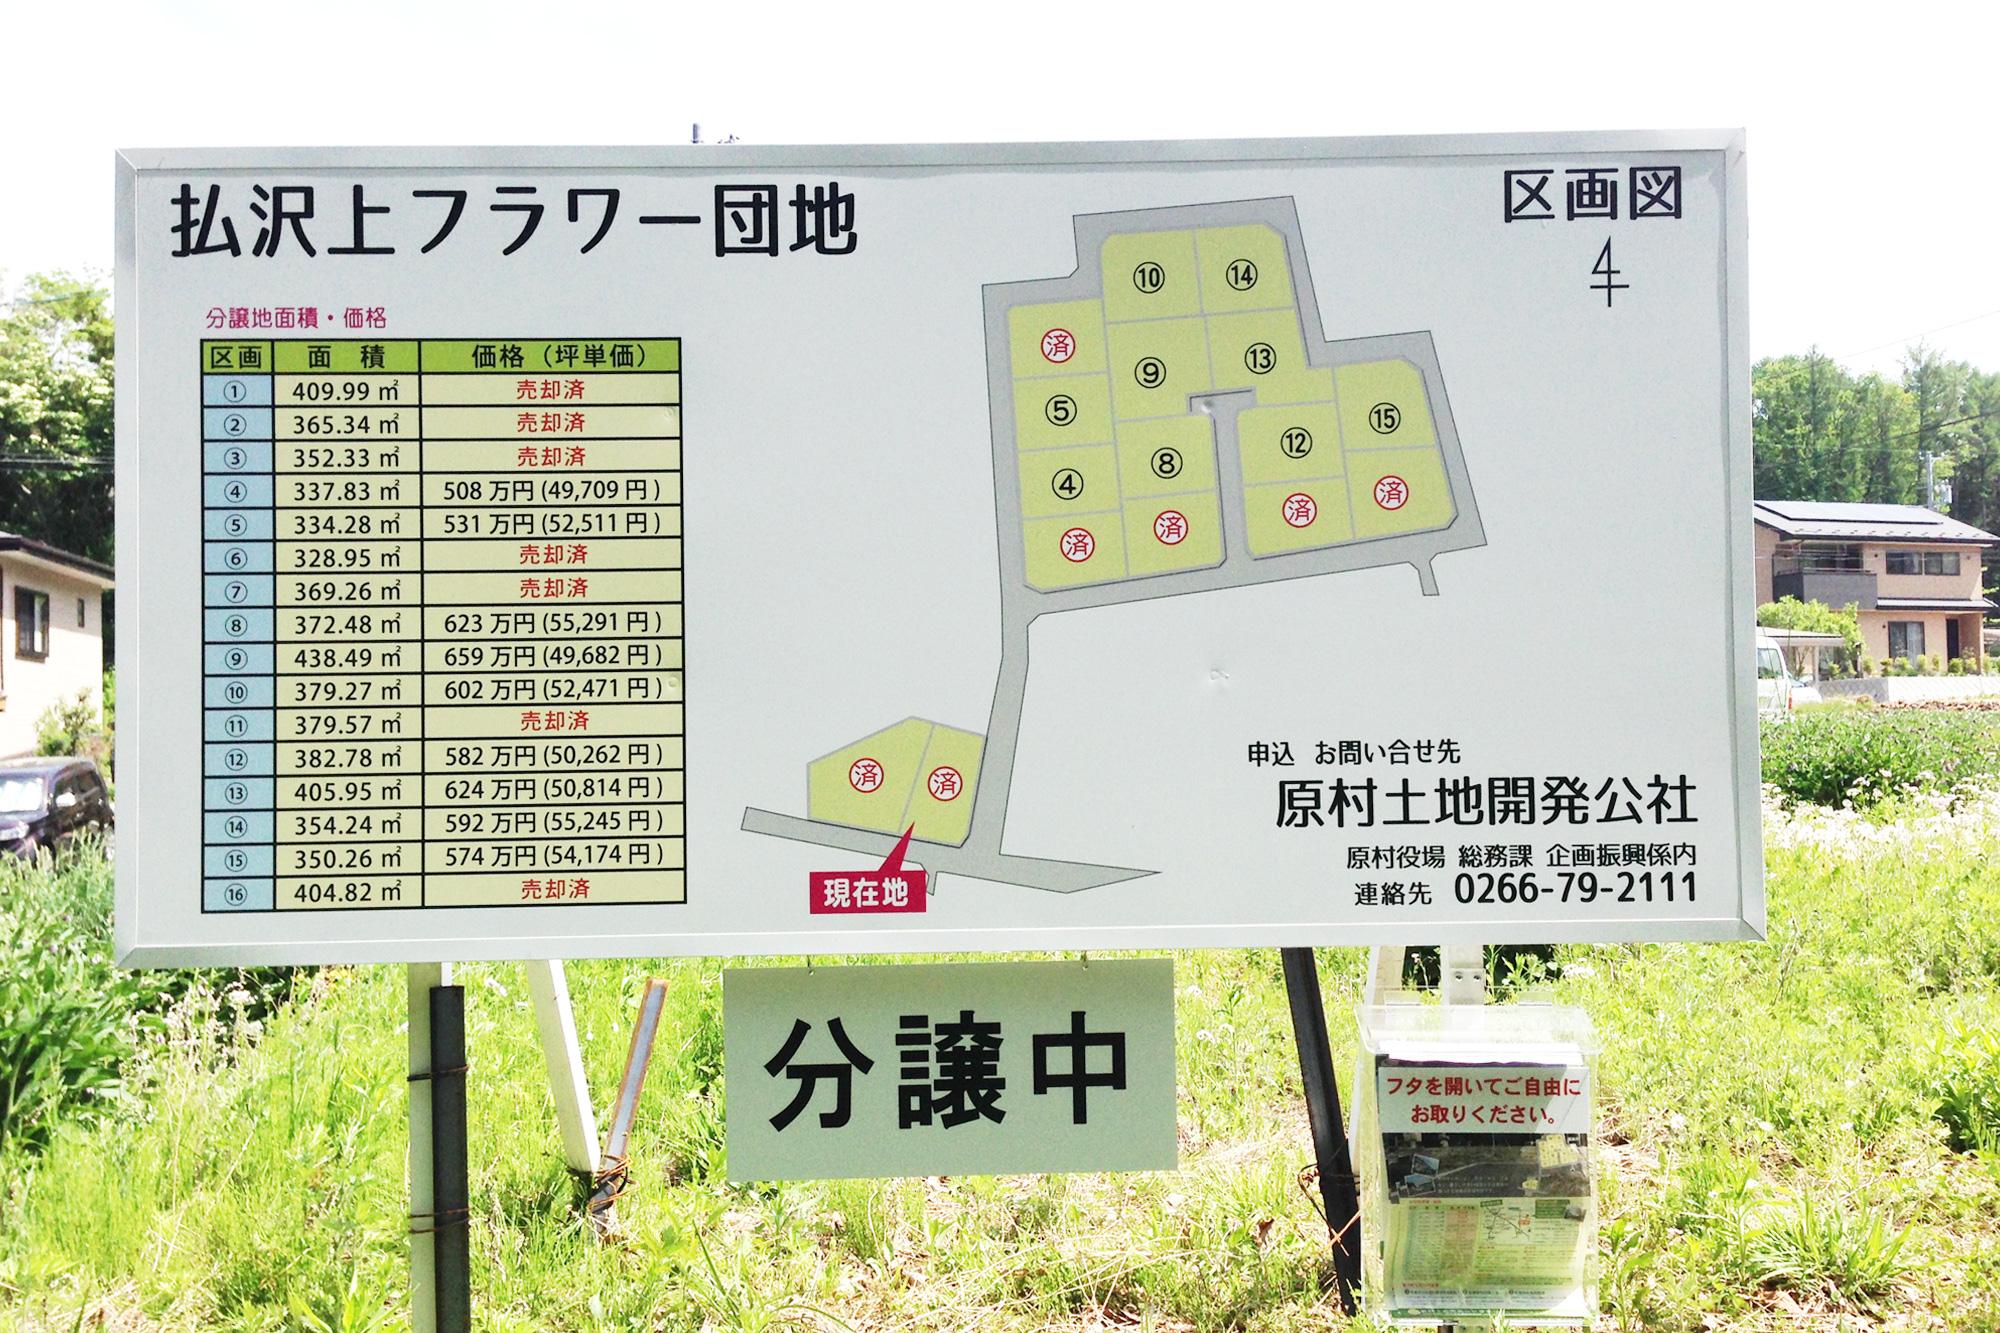 分譲地看板(原村役場 企画振興係様)